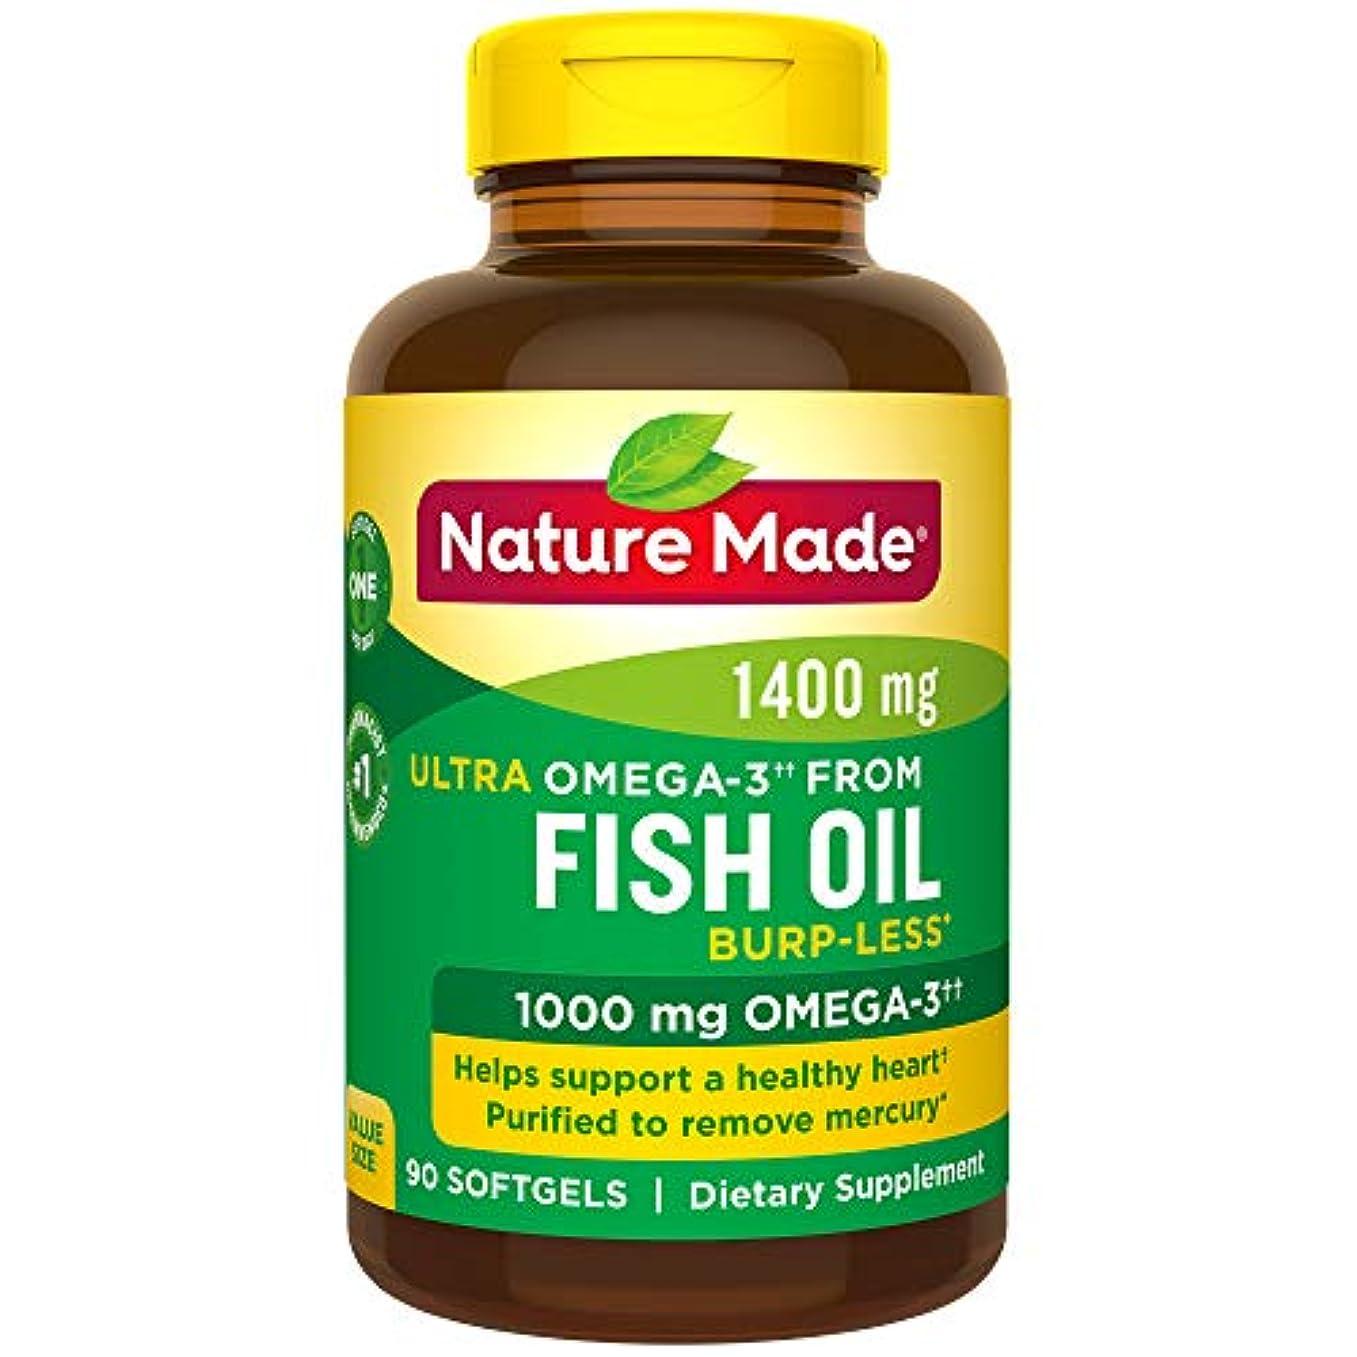 絶妙飛躍不安Nature Made Ultra Omega-3 Fish Oil Value Size Softgel, 1400 mg, 90 Count 海外直送品